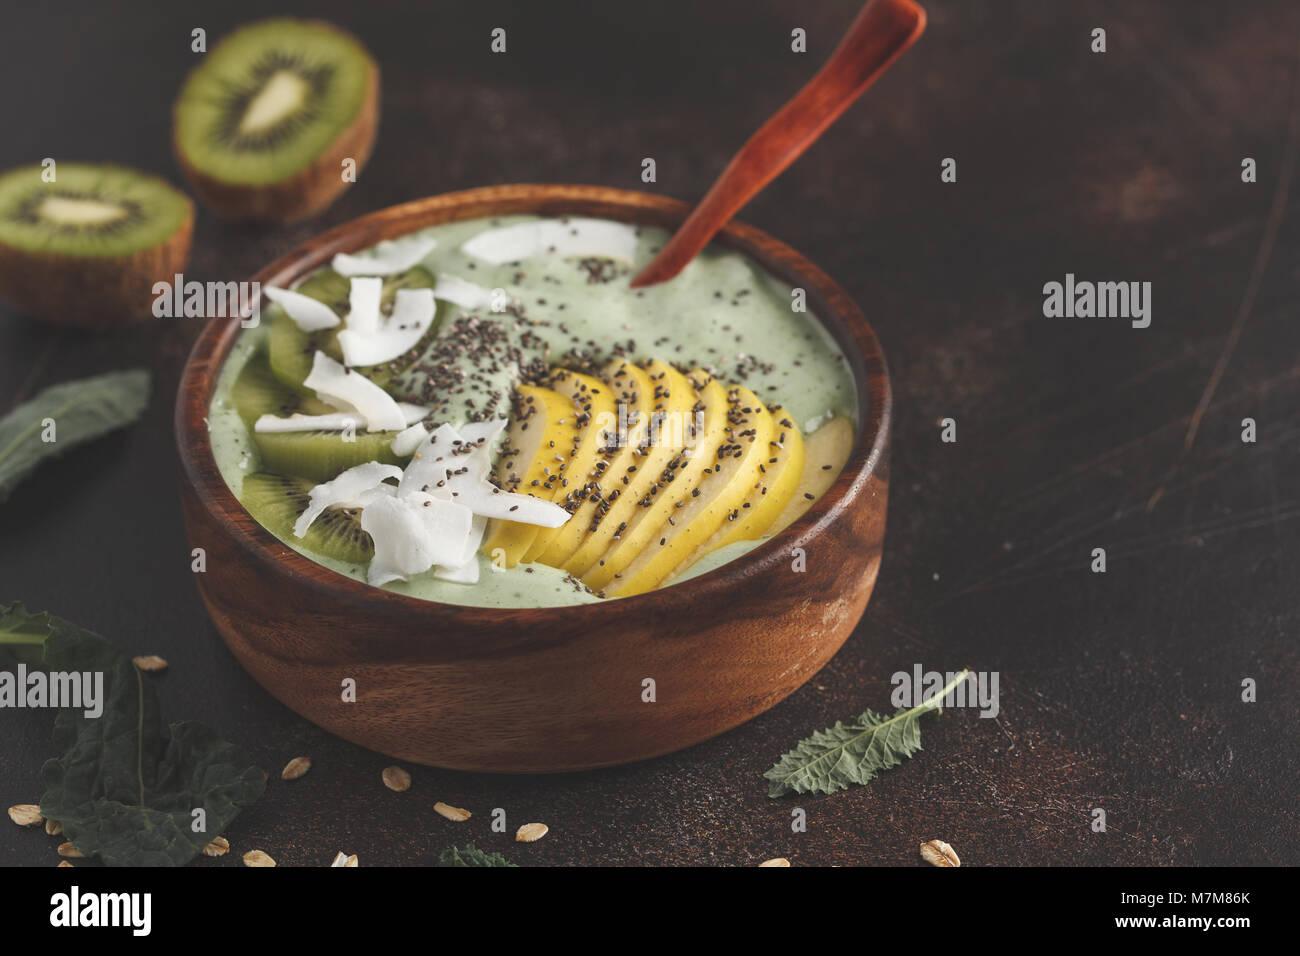 La col rizada verde batido vegano bowl con coco, chia, manzana y kiwi. Concepto de comida vegana saludable. Oxidado Imagen De Stock